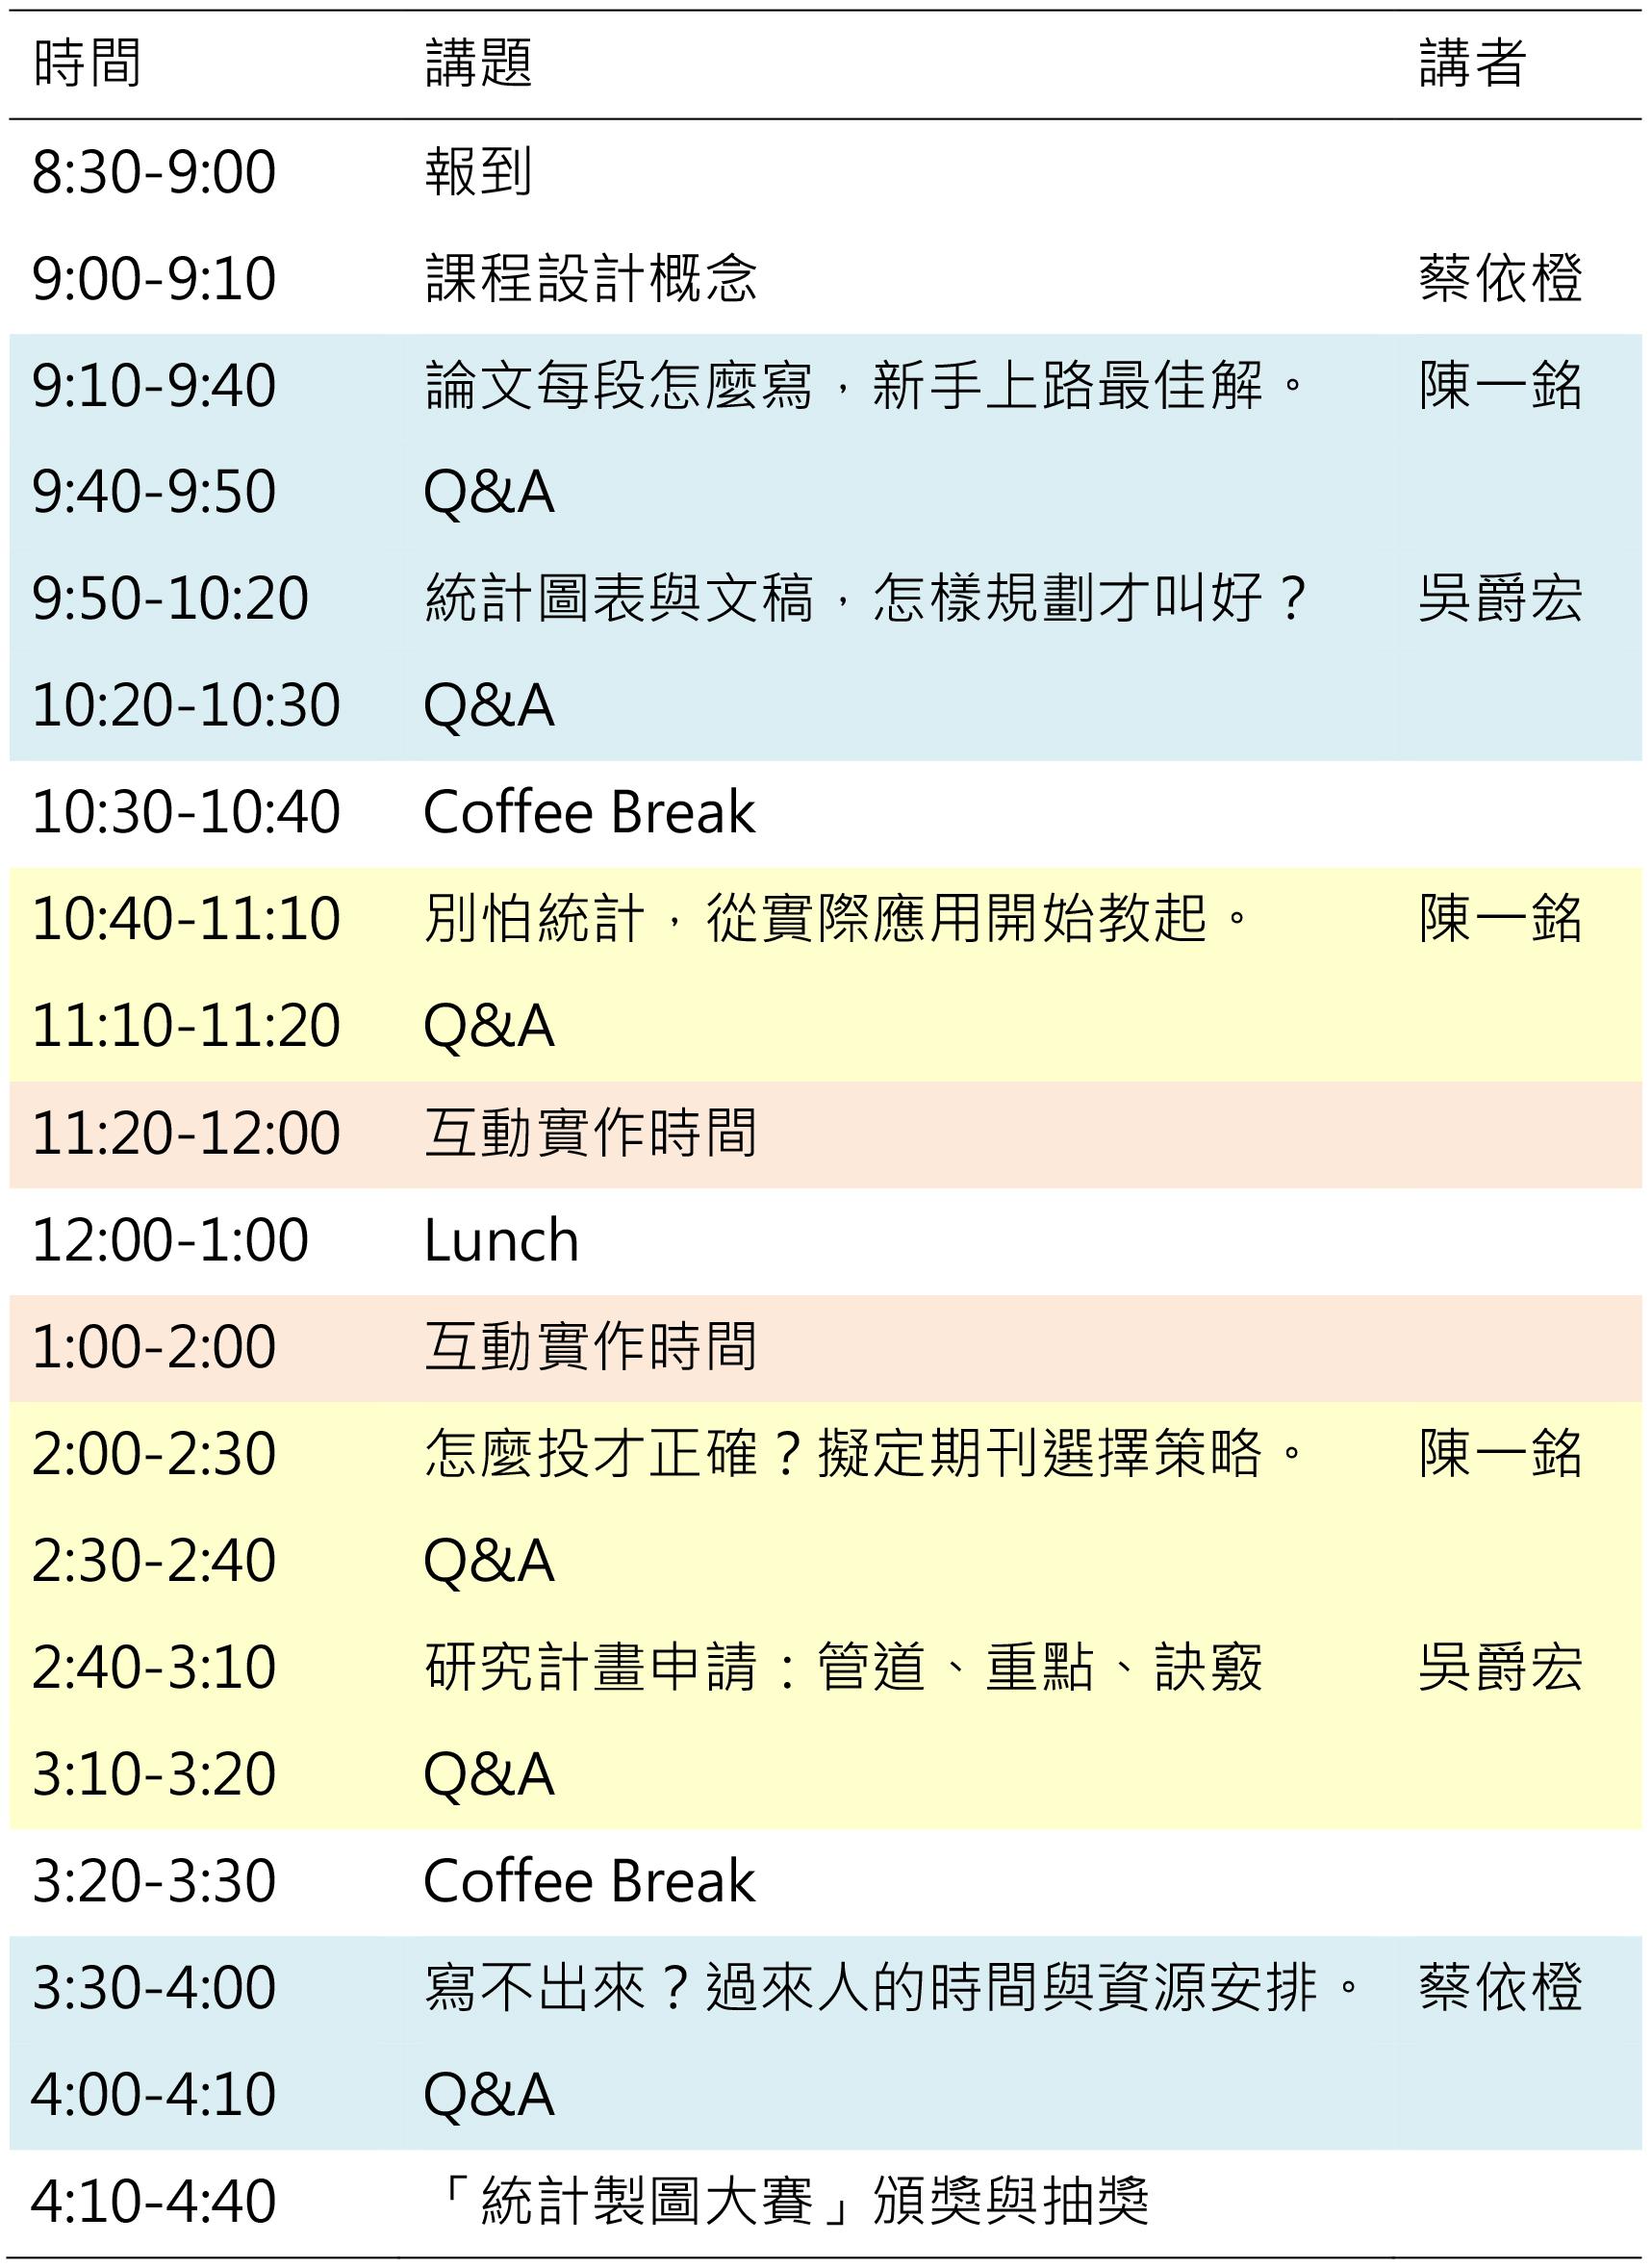 MEPA_schedule_2021v5